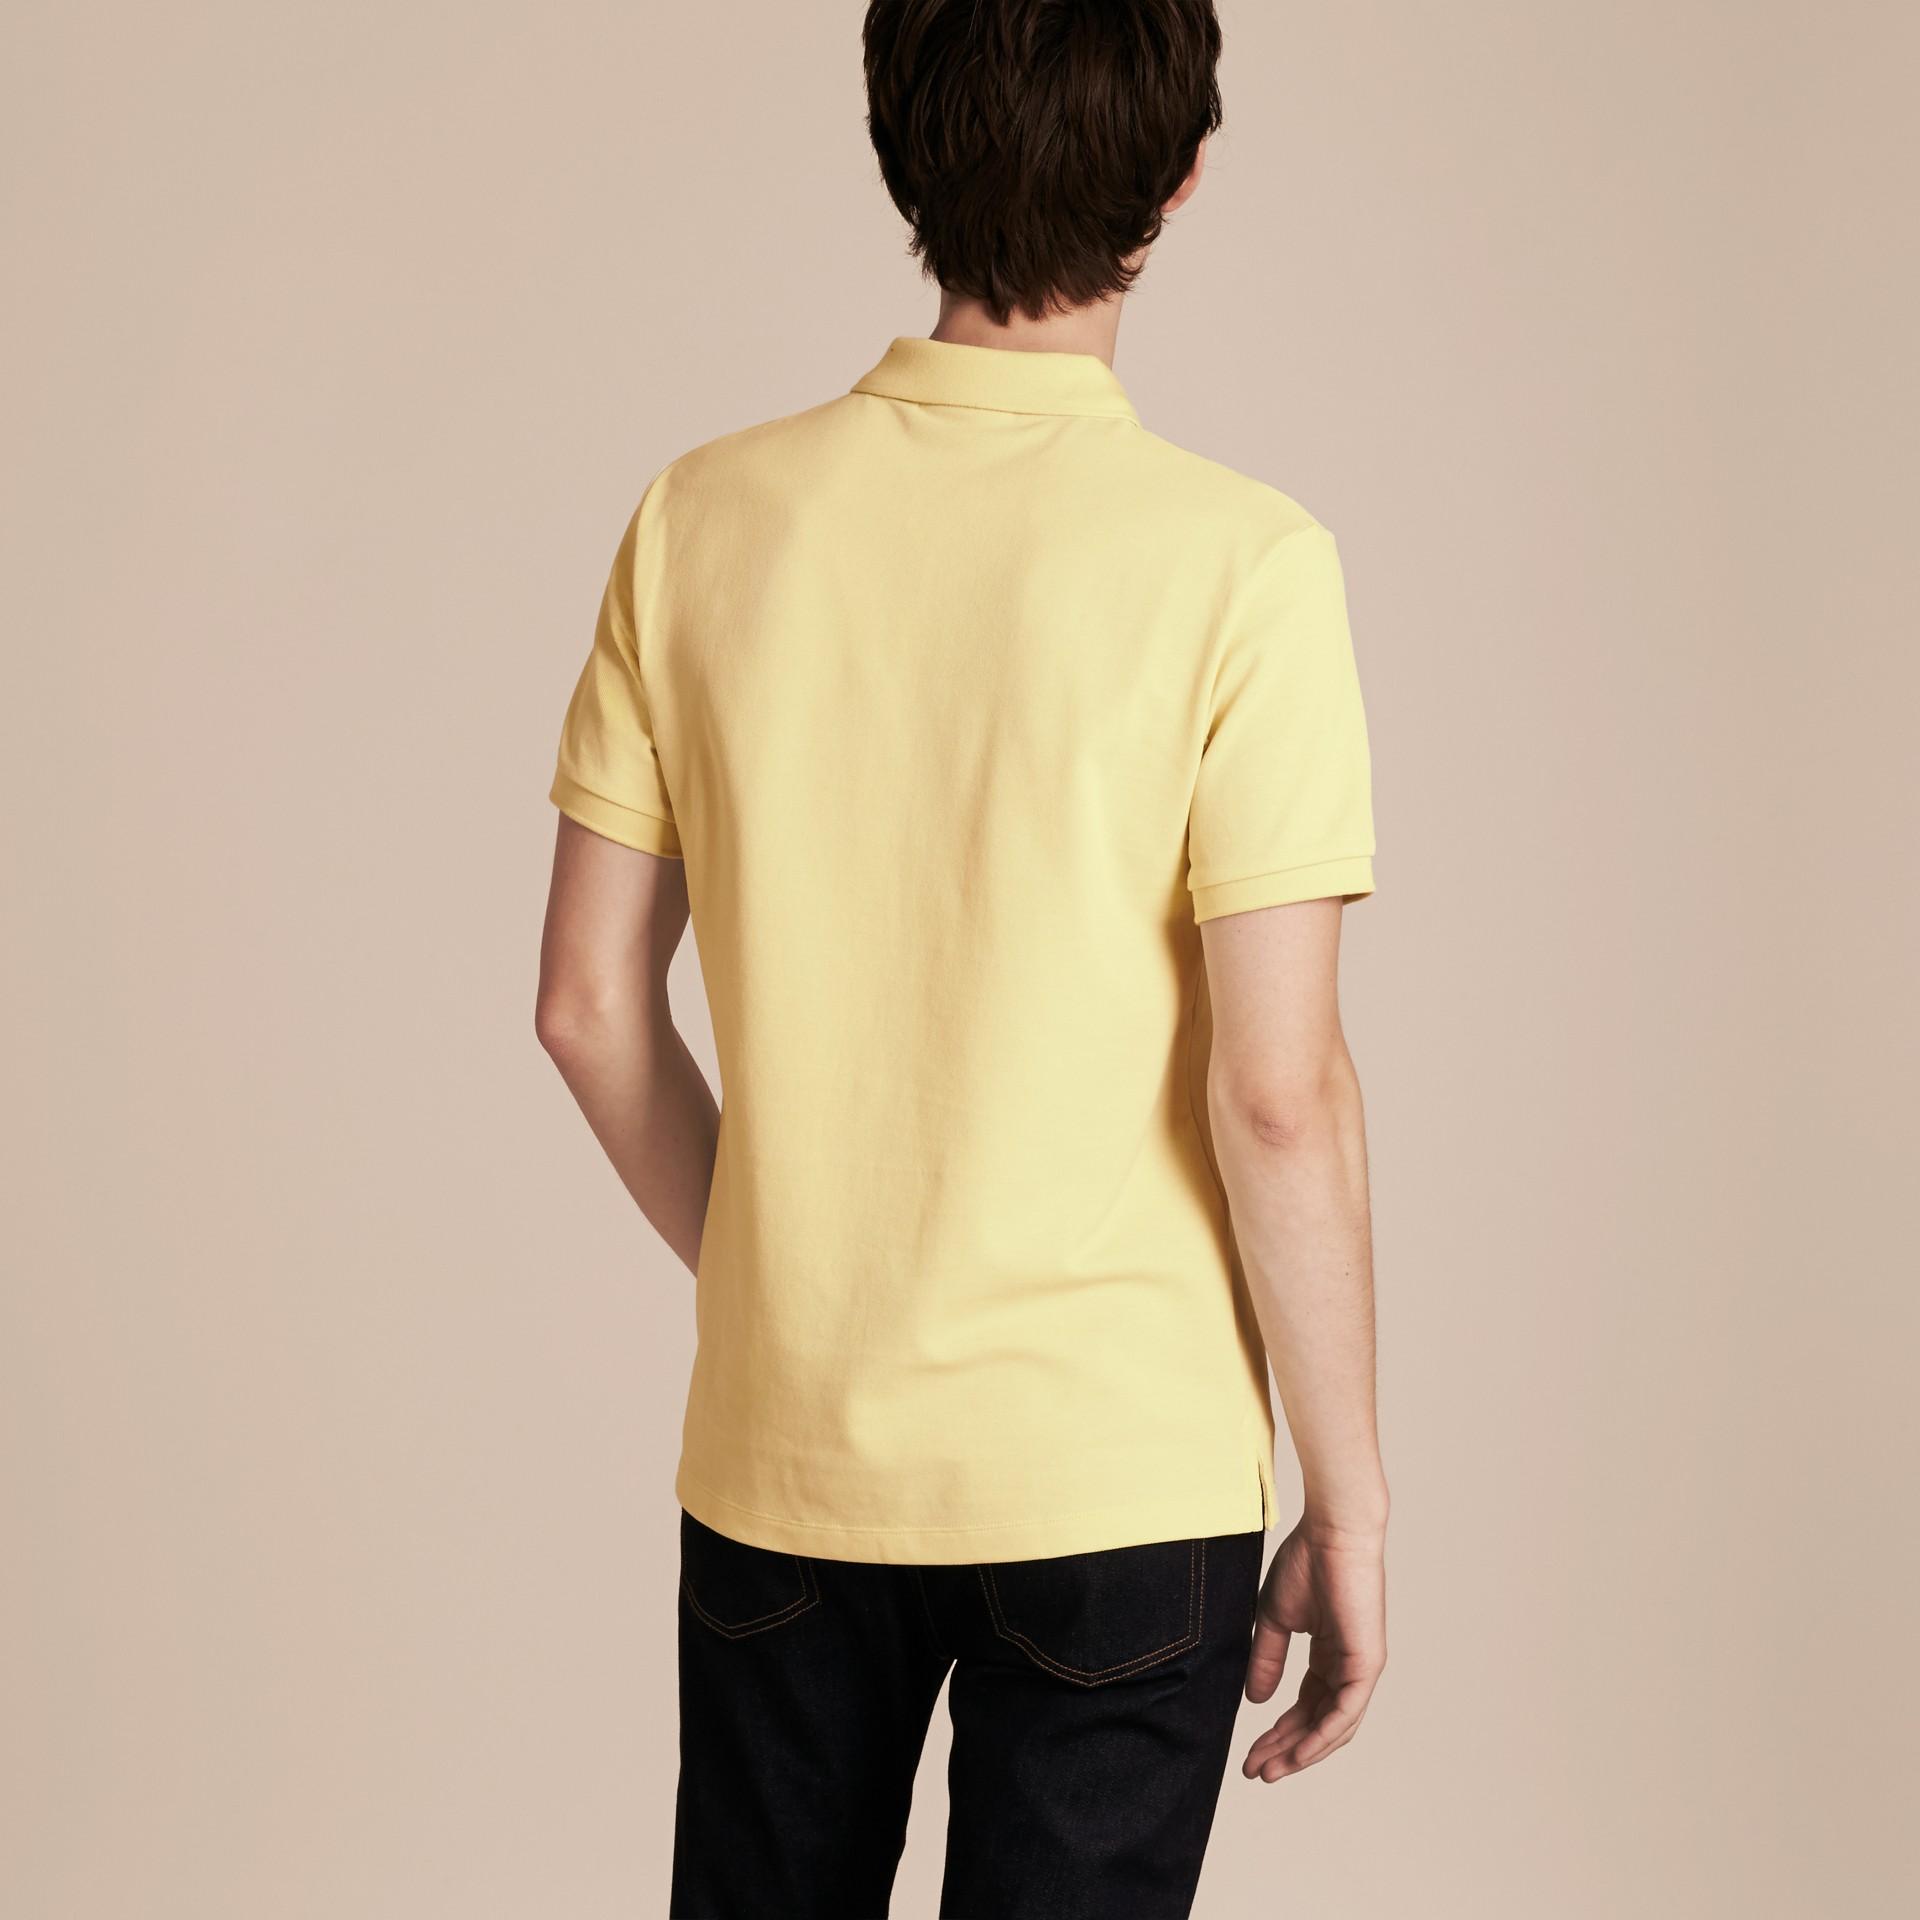 チェックプラケット コットンピケ ポロシャツ (バニライエロー) - メンズ | バーバリー - ギャラリーイメージ 3